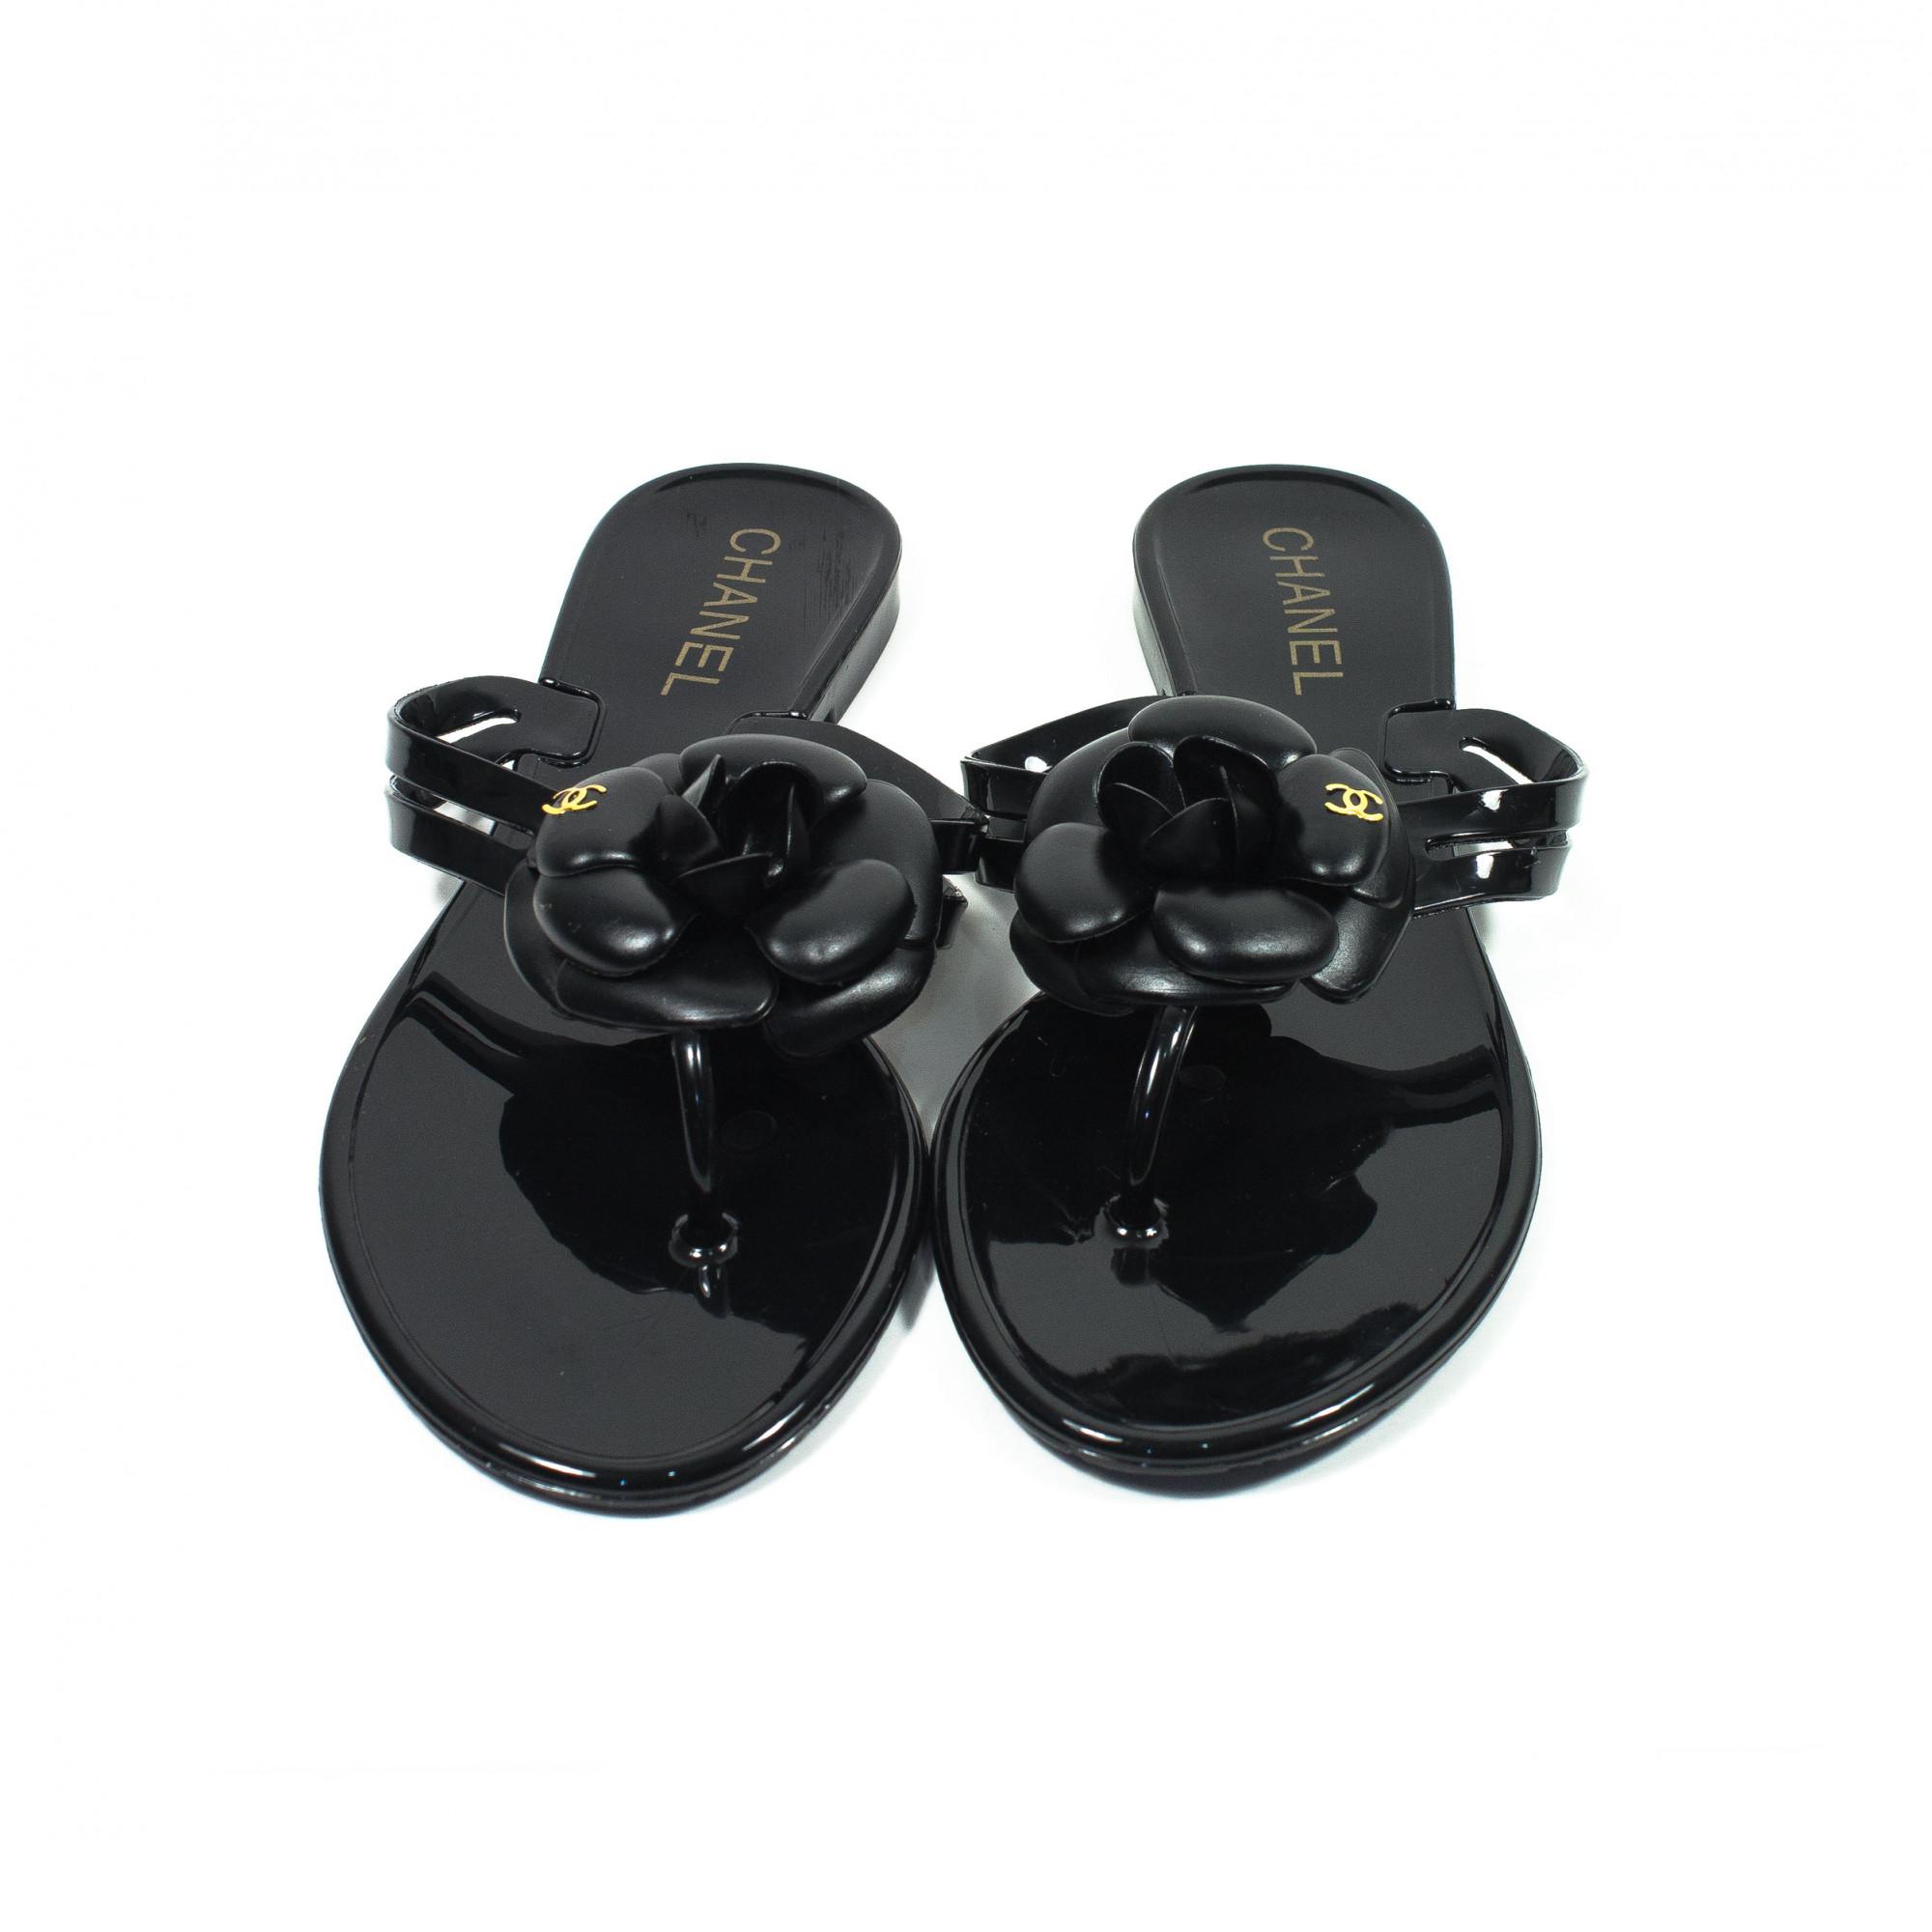 55a8d64b34d2 Купить вьетнамки Chanel в черном цвете — в Киеве, код товара 25400